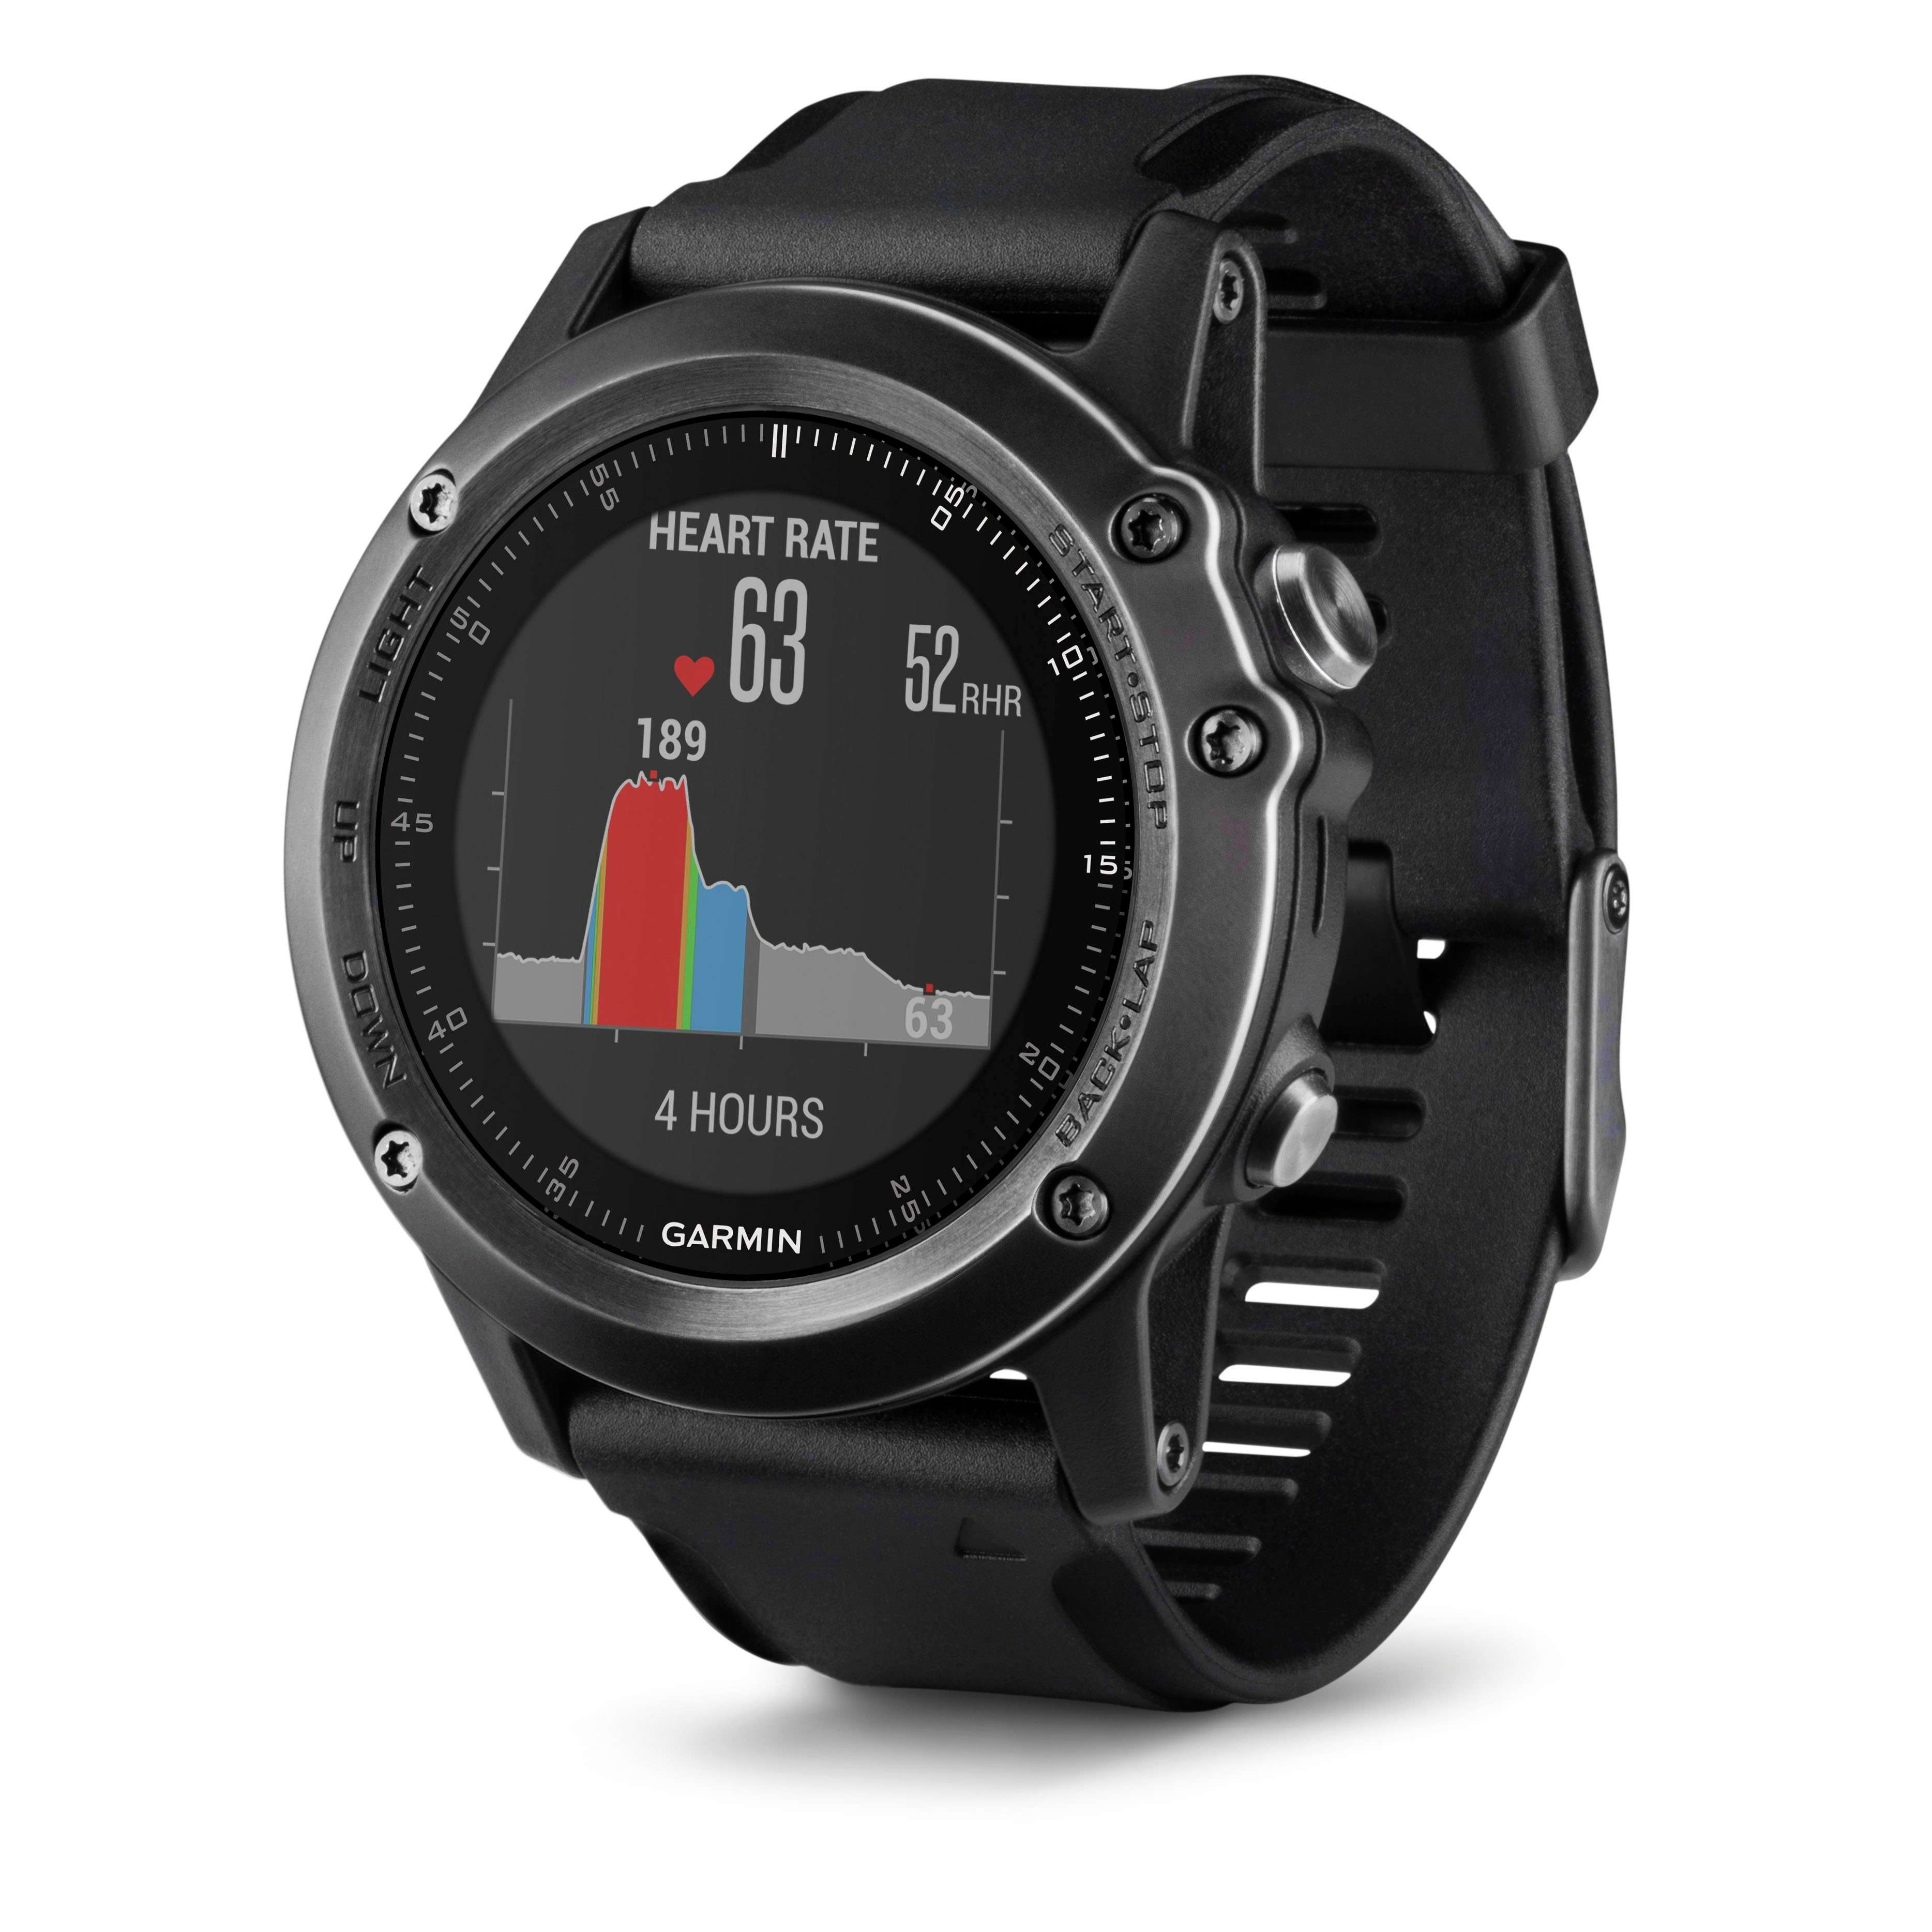 GARMIN fenix 3 Sapphire HR Watch